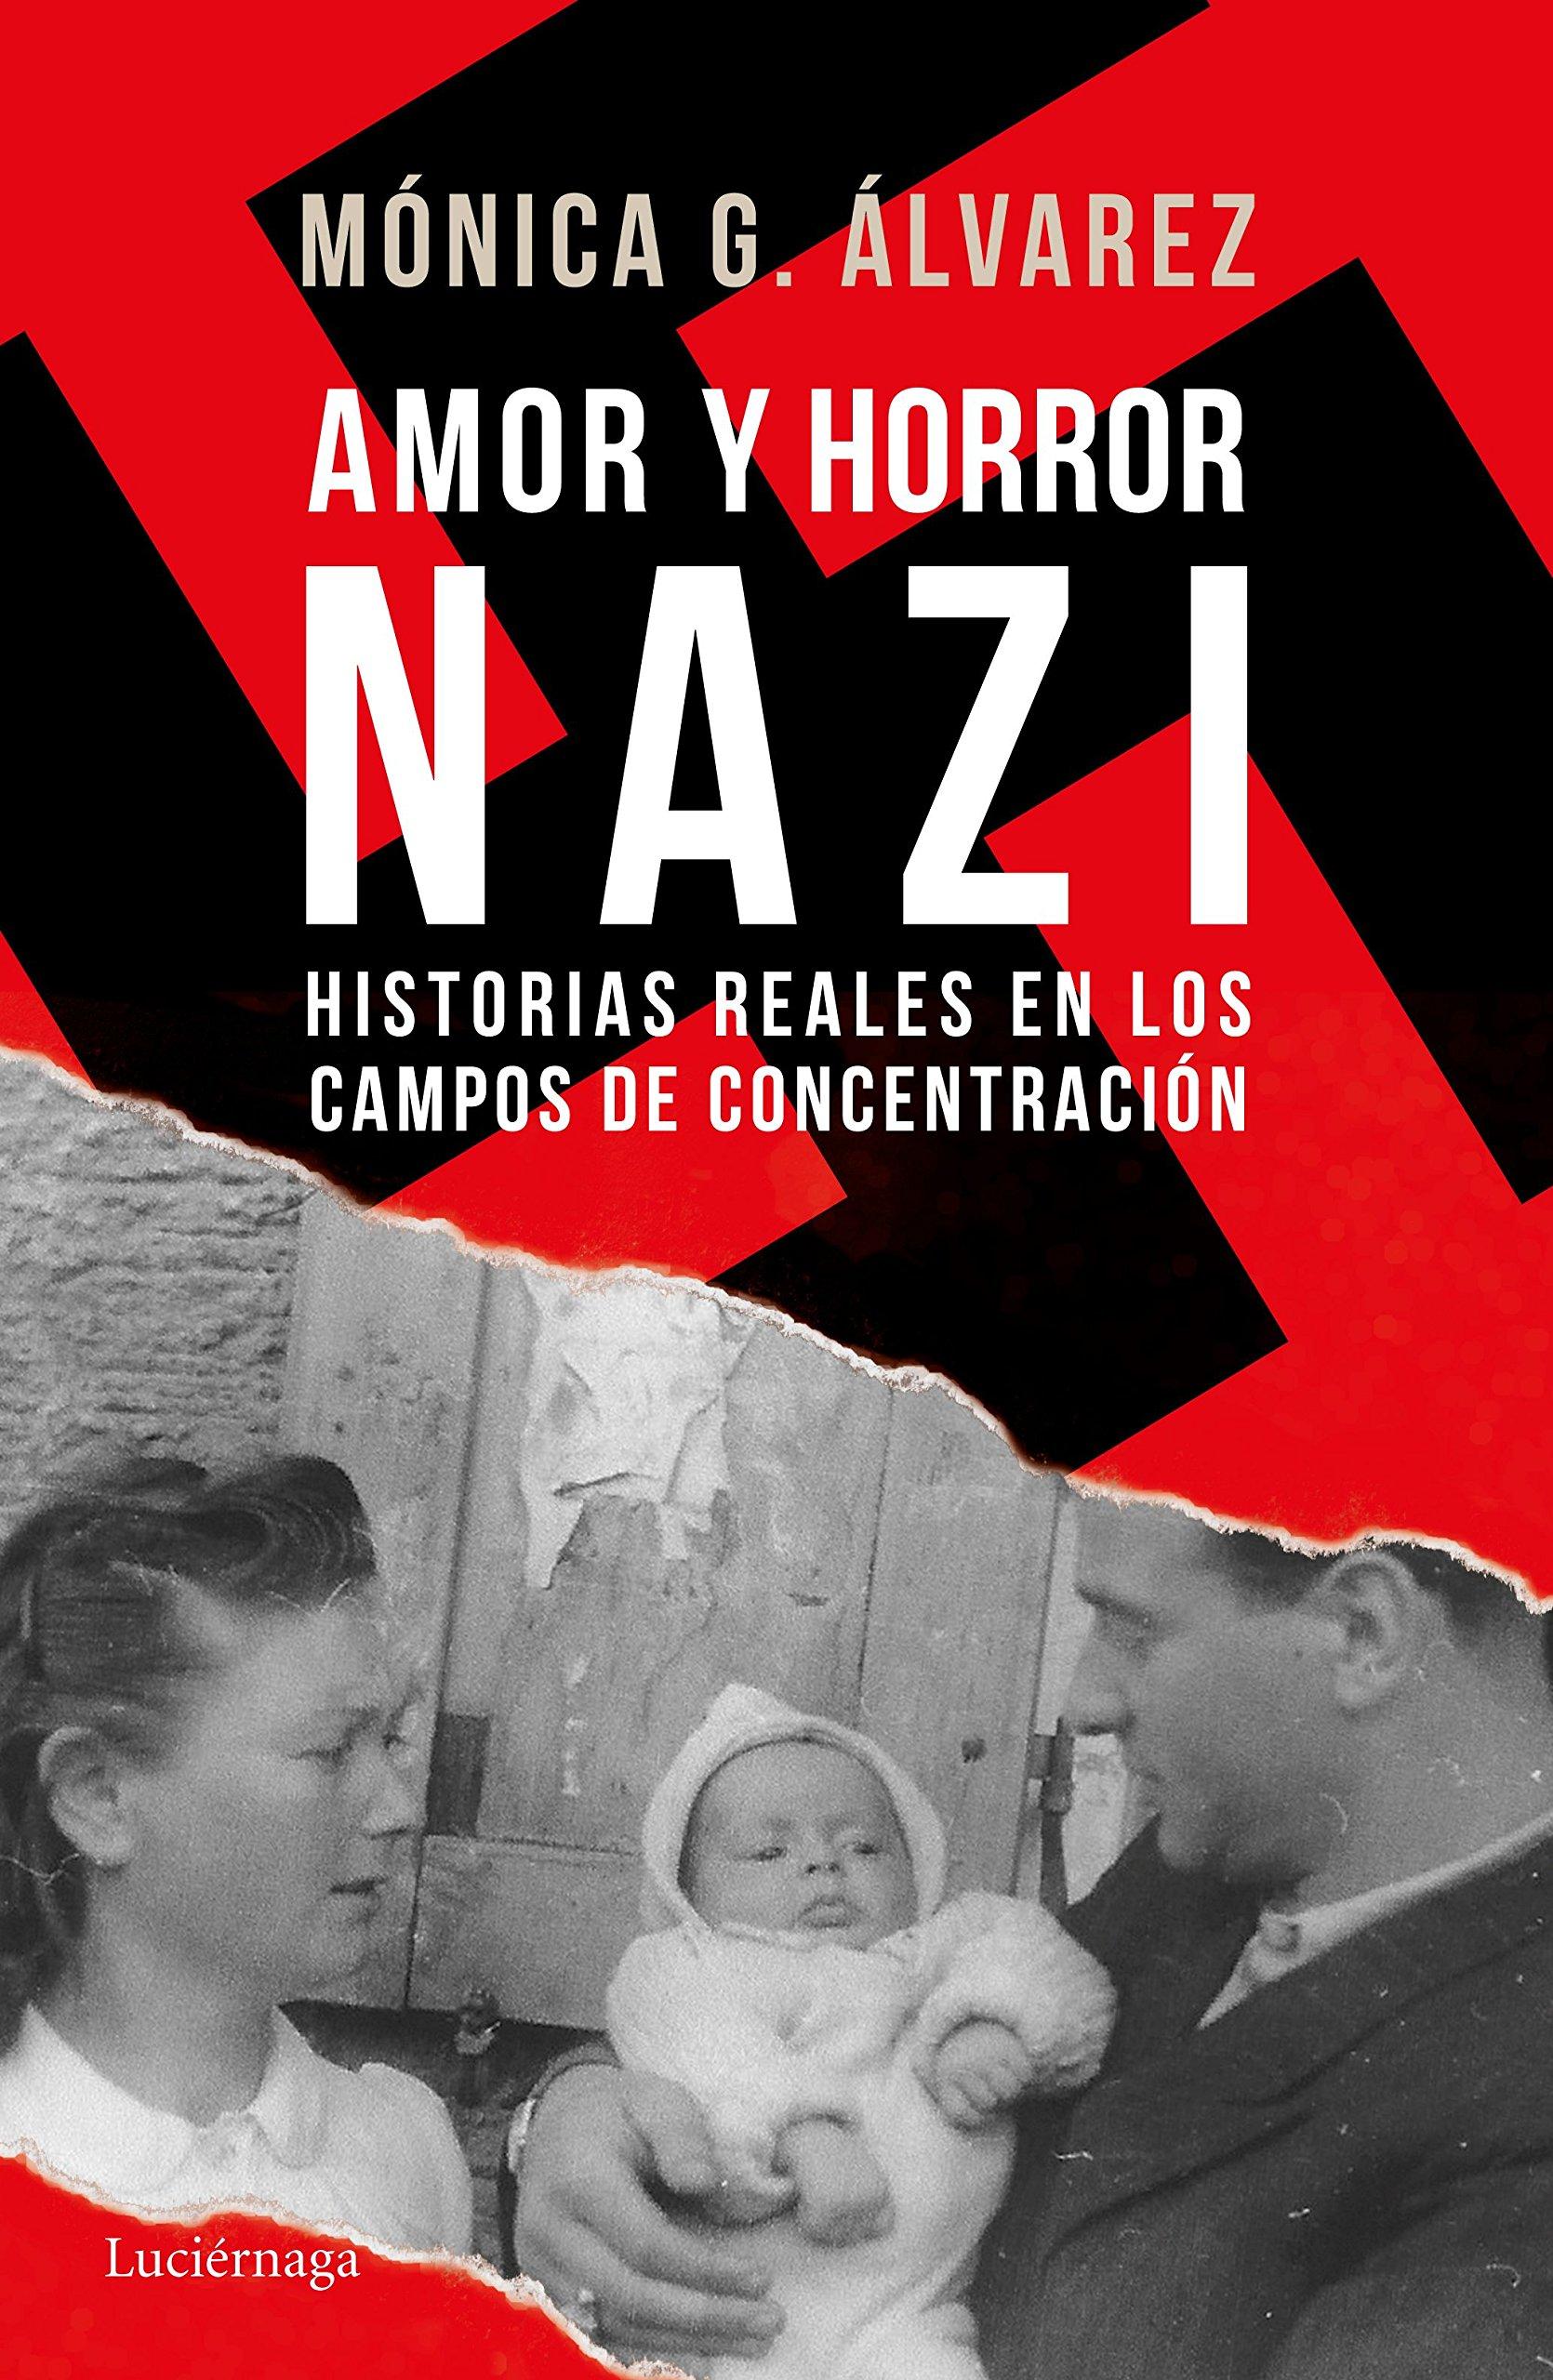 Portada libro - Amor y horror nazi: Historias reales de los campos de concentración